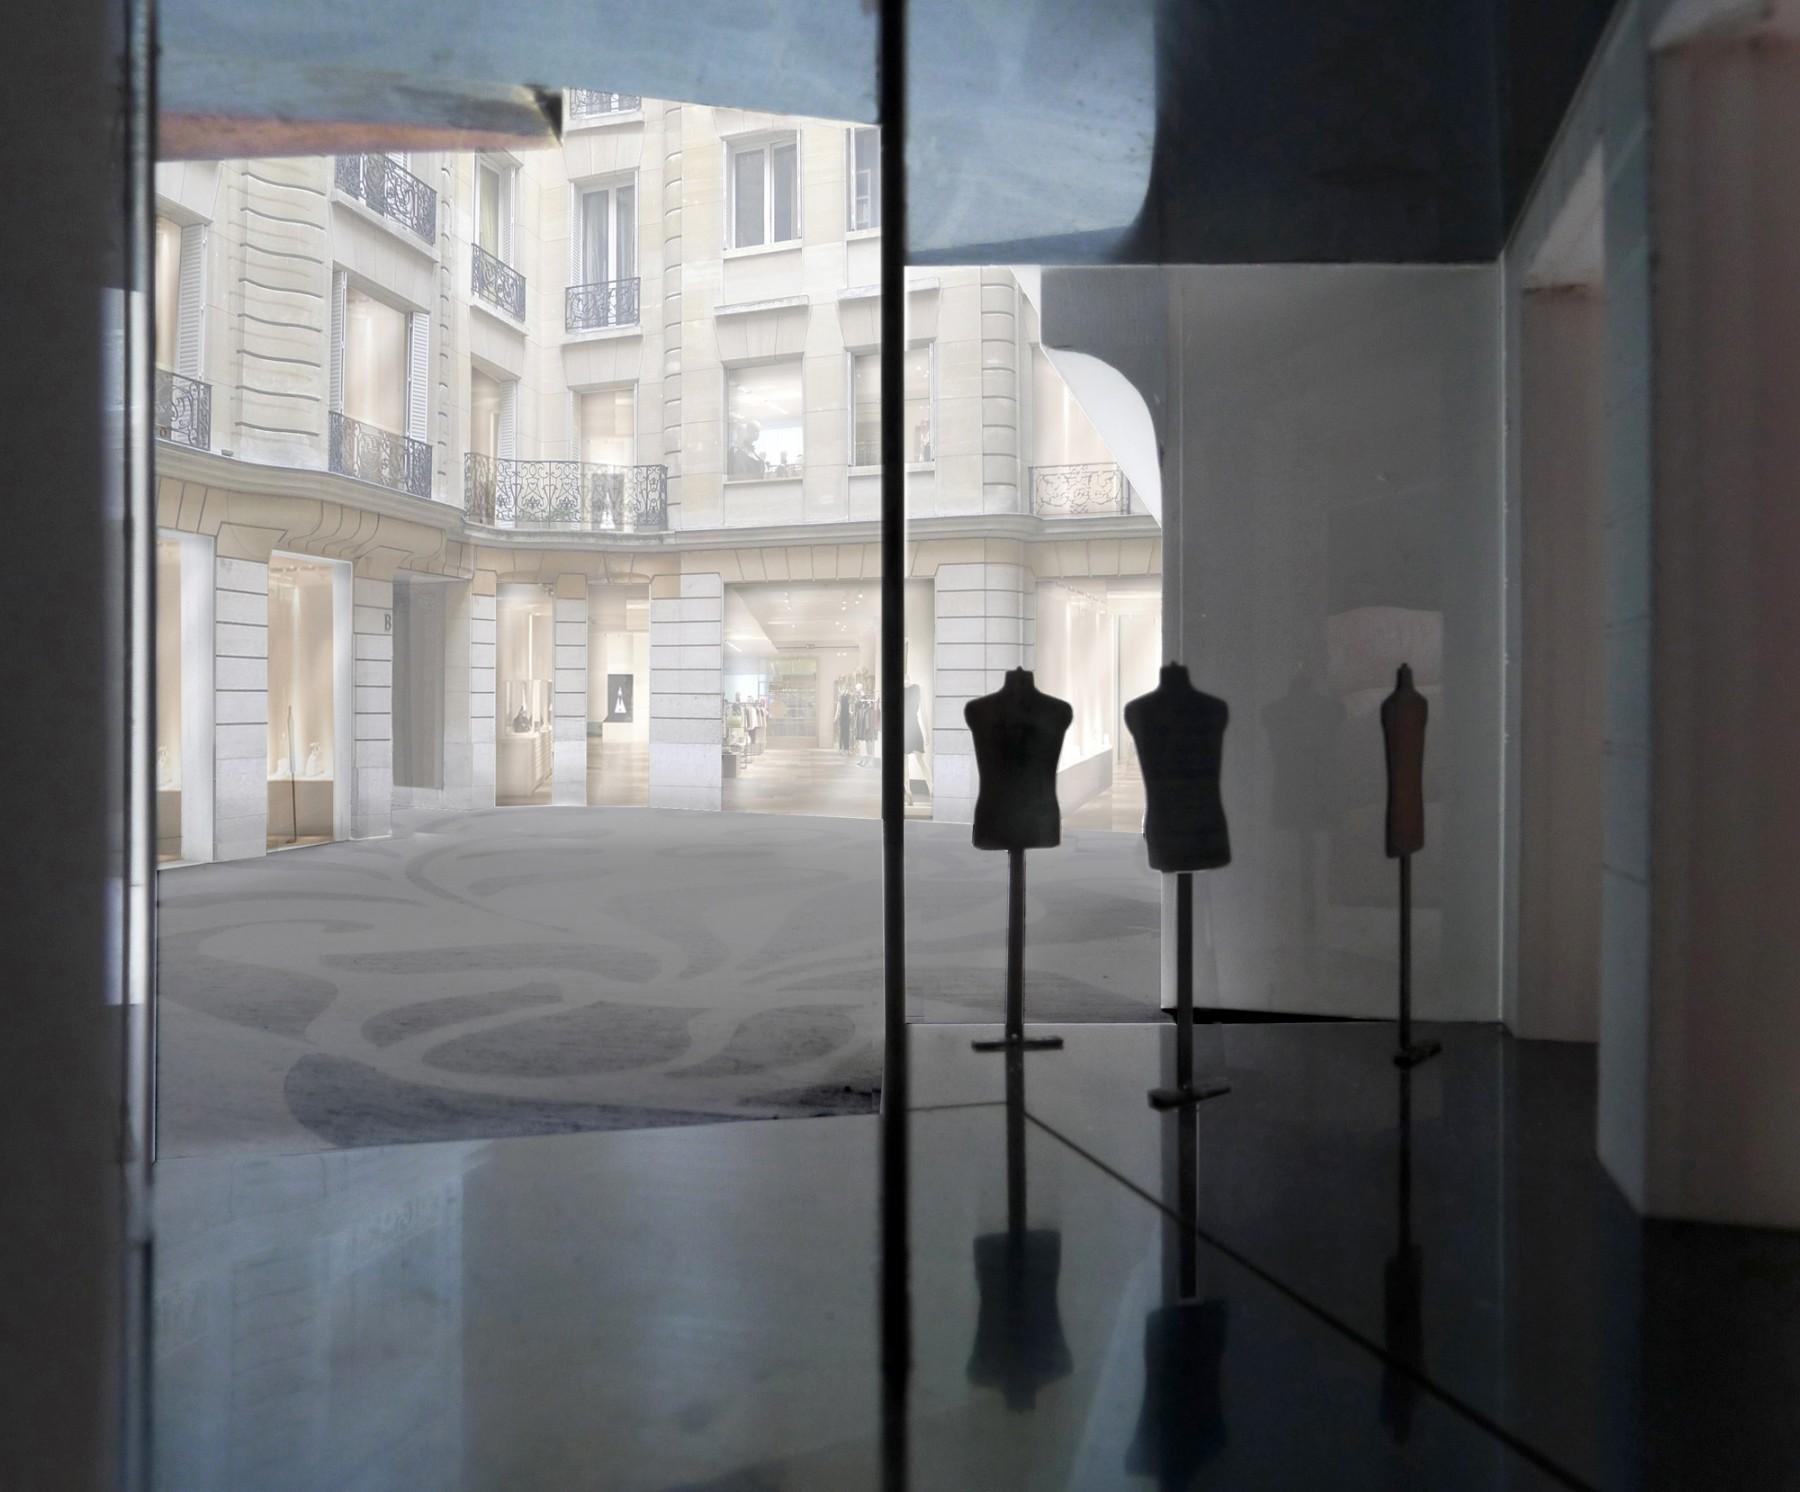 BHV-Galeries-Lafayette-Paris-retail-France-Hôtel-de-Ville-Department-store-shopping-Jamie-Fobert-Architects-model